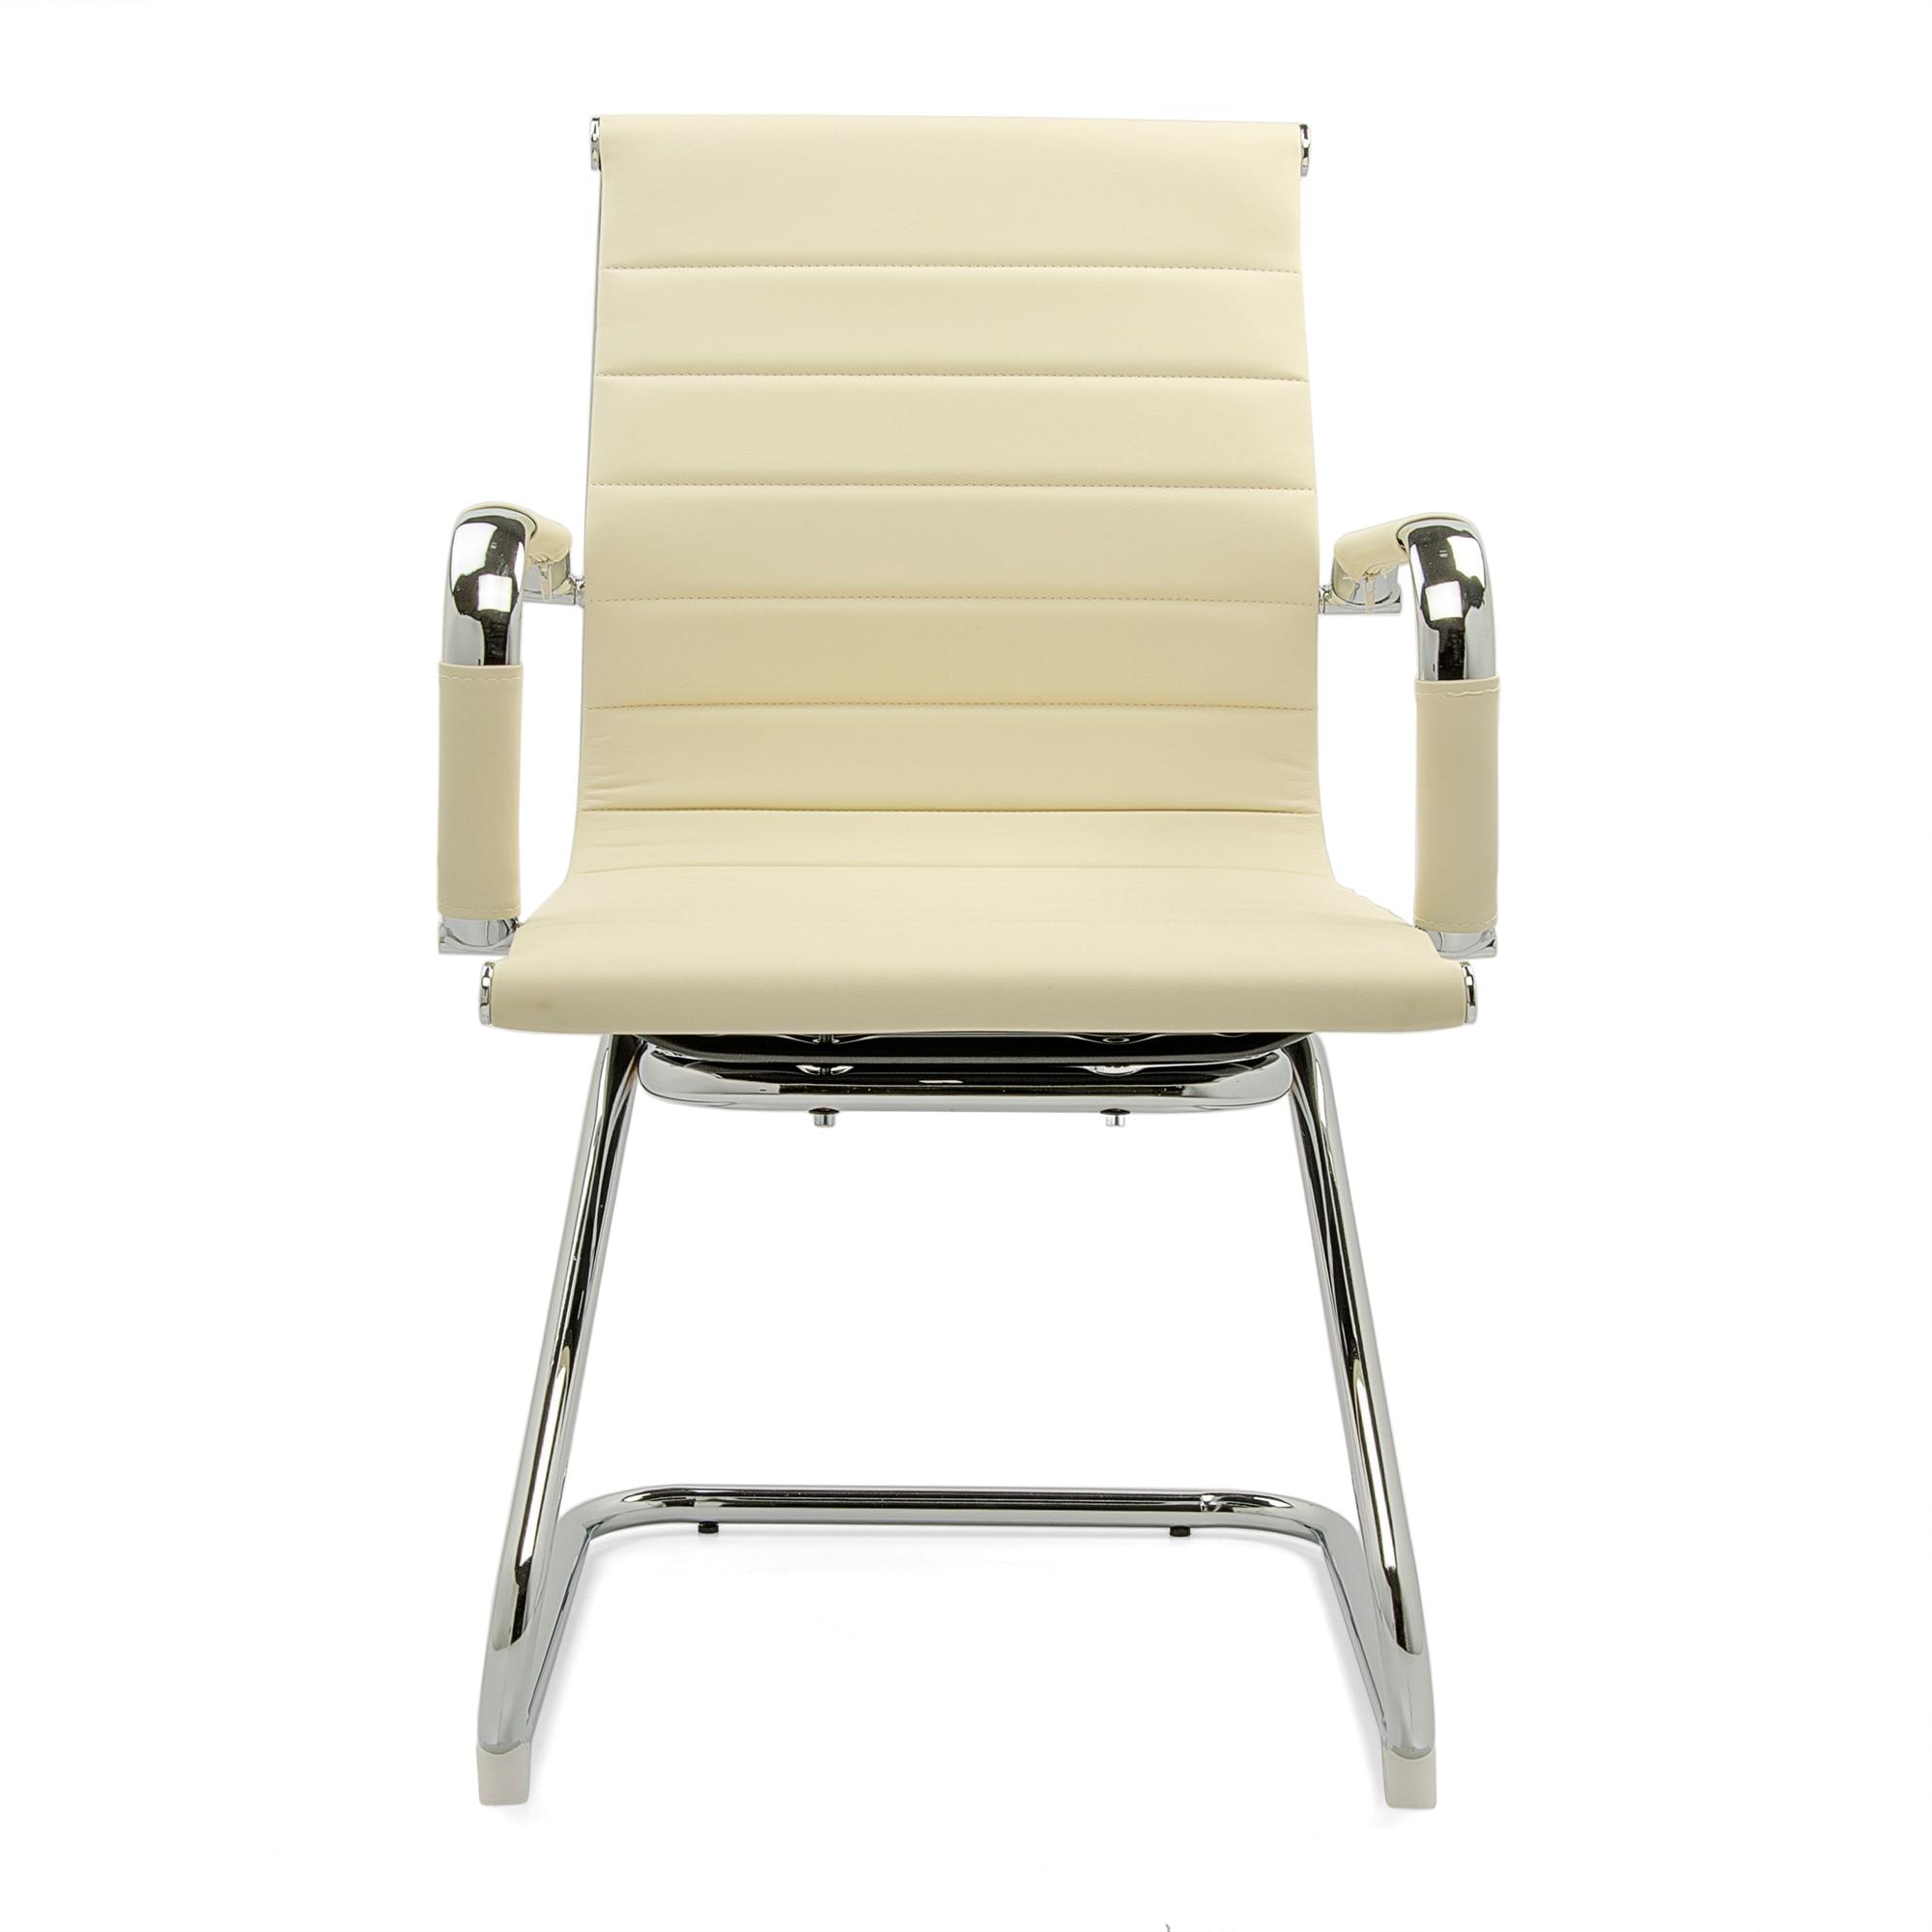 Kring Lear Látogatói szék, 2 darab, Műbőr, Bézs eMAG.hu